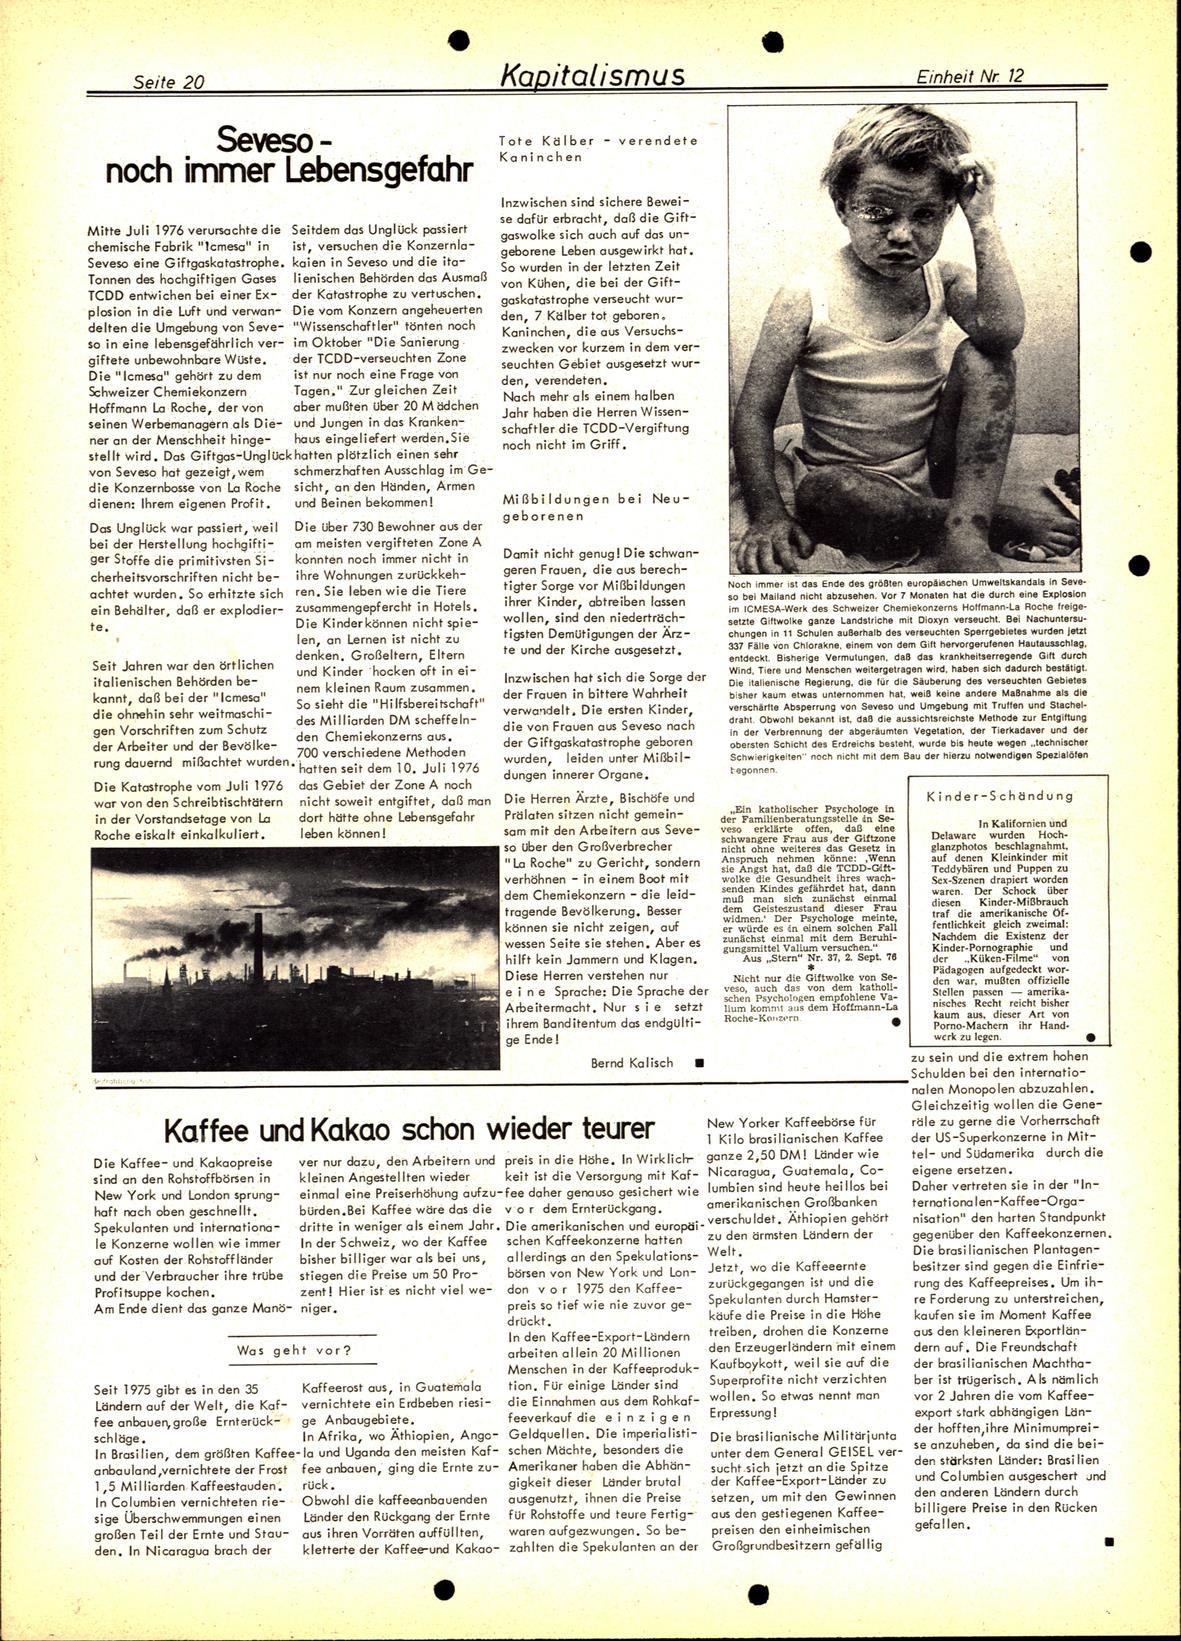 Koeln_IPdA_Einheit_1977_012_020